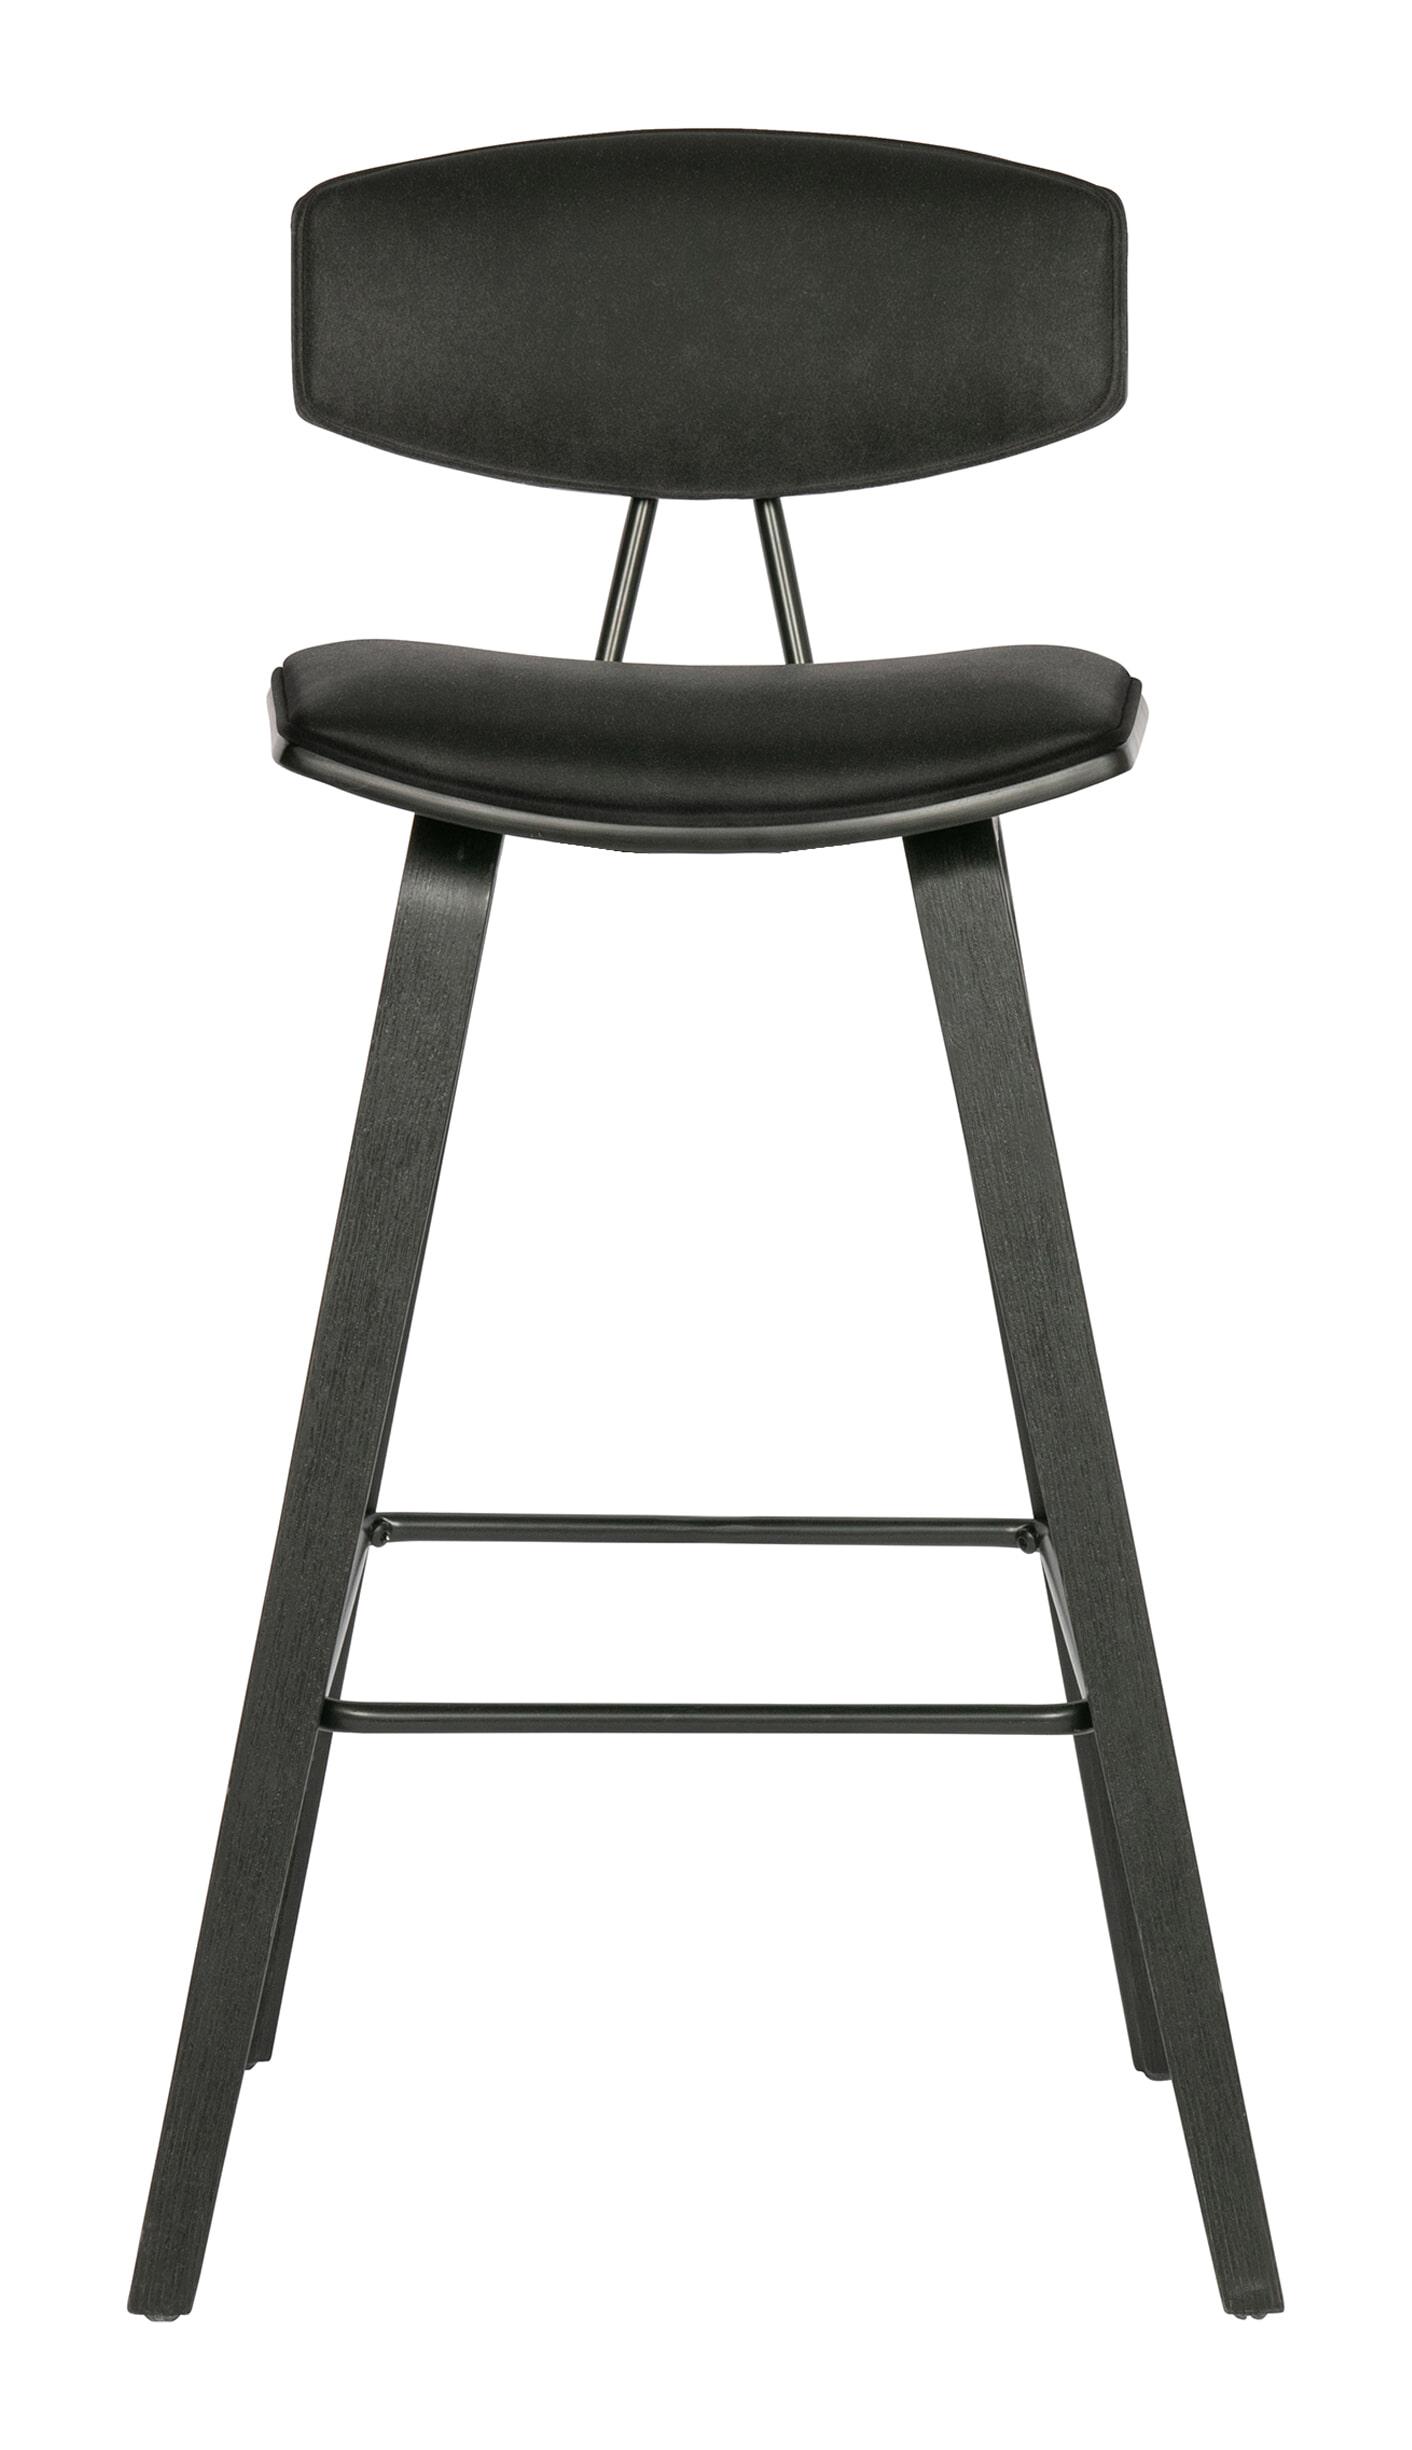 WOOOD Barstoel 'Senn' Velvet, kleur Zwart (zithoogte 71cm)